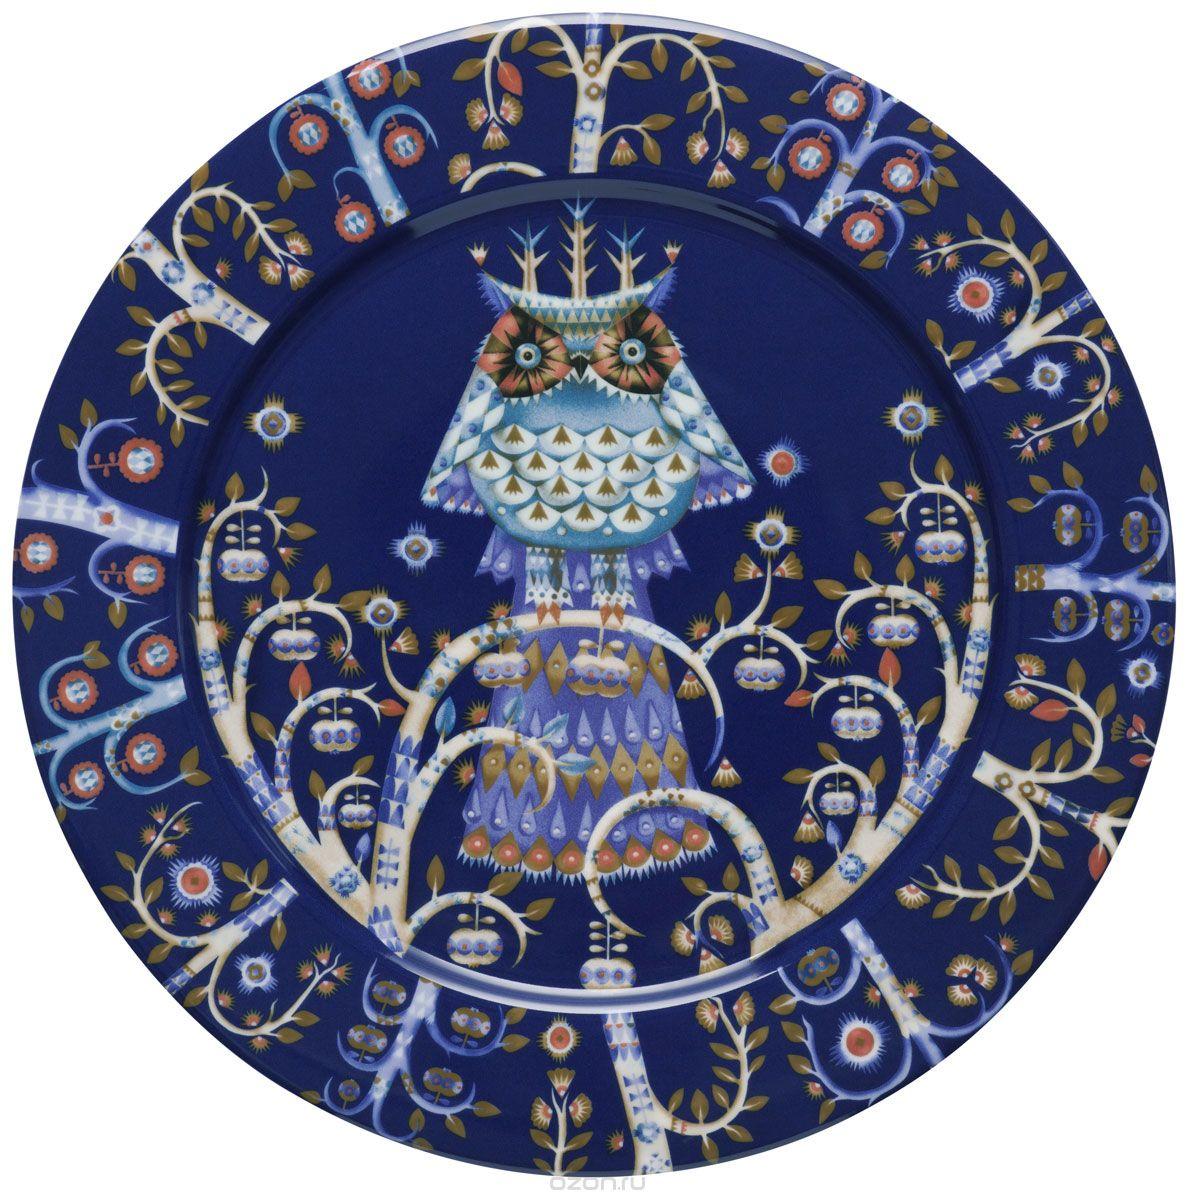 Тарелка Iittala Taika, 1011635, диаметр 27 см iittala тарелка taika